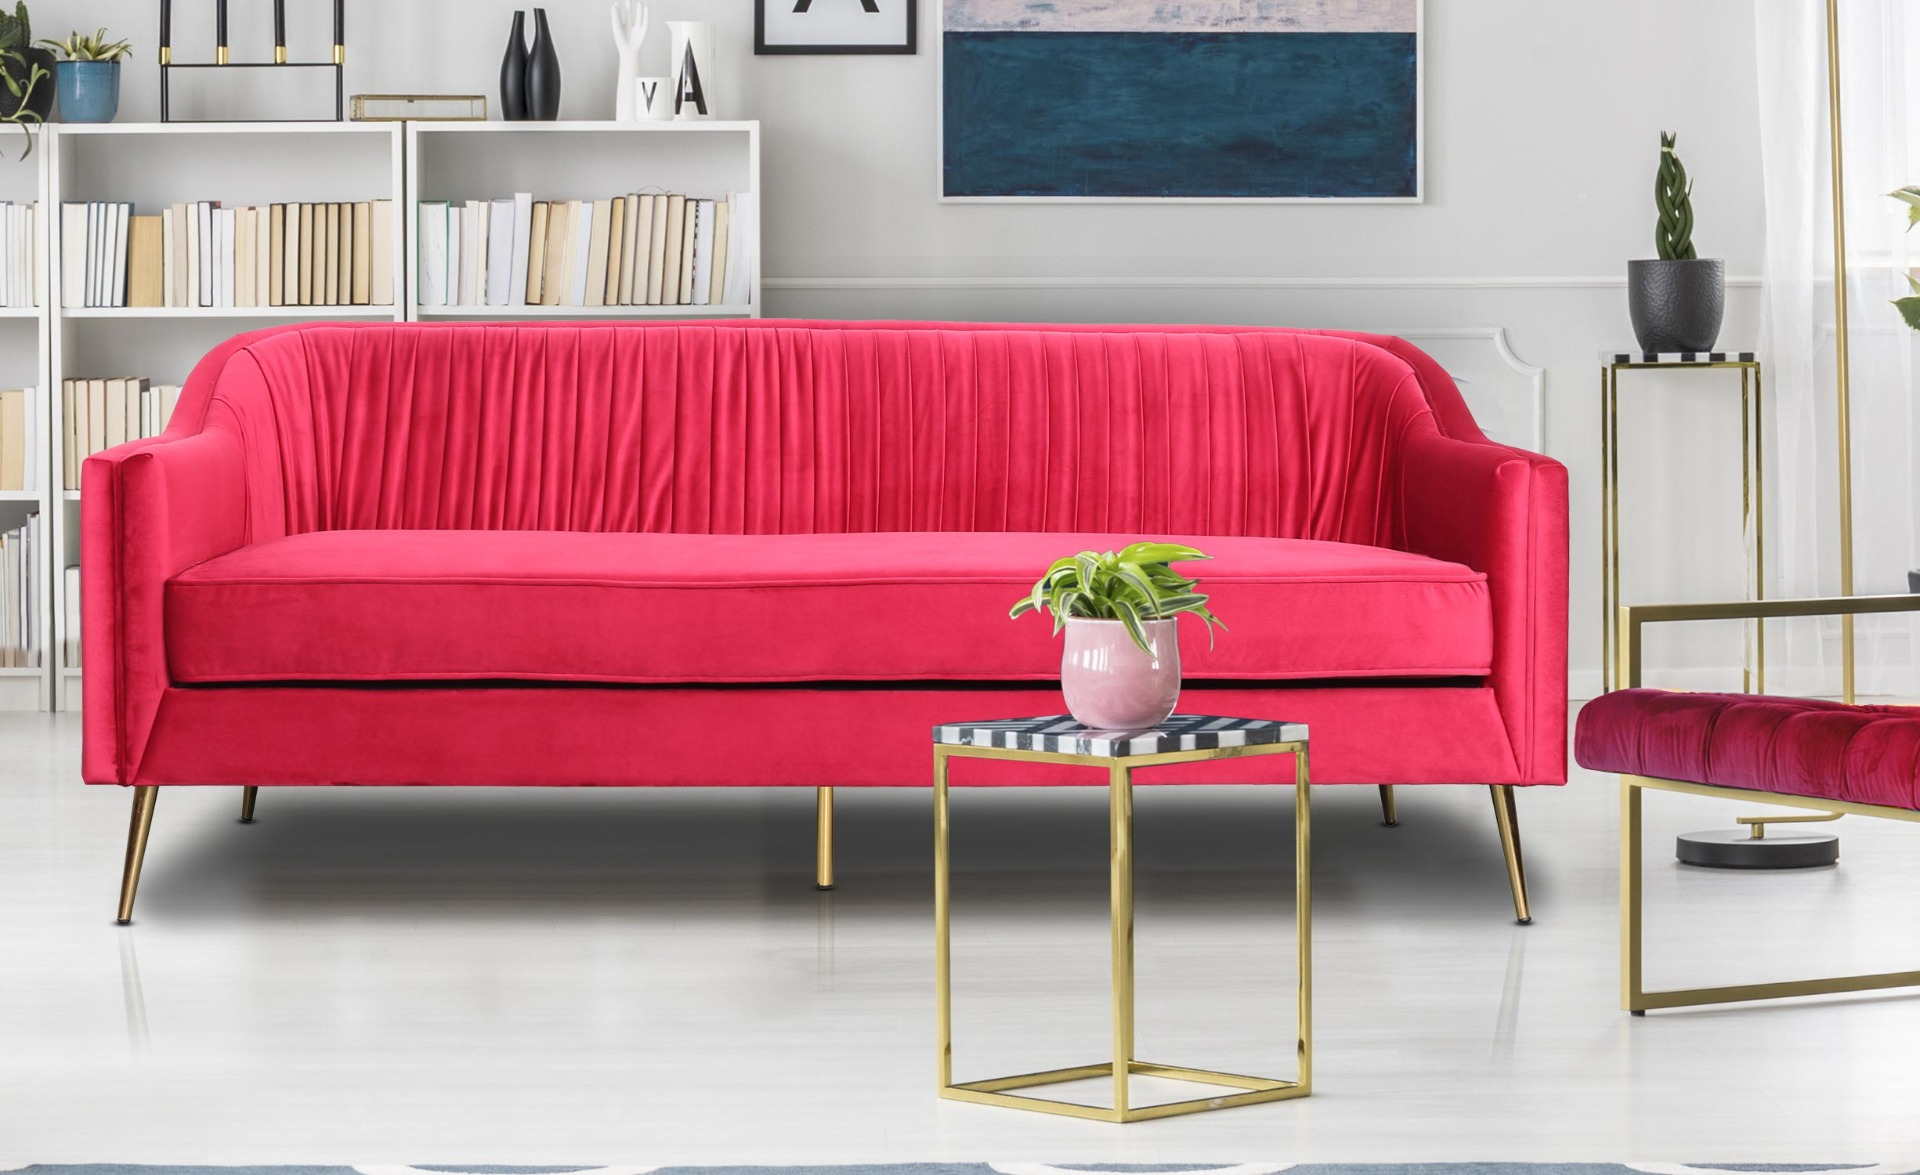 3-zitsbank Tela rood fluweel met gouden poten